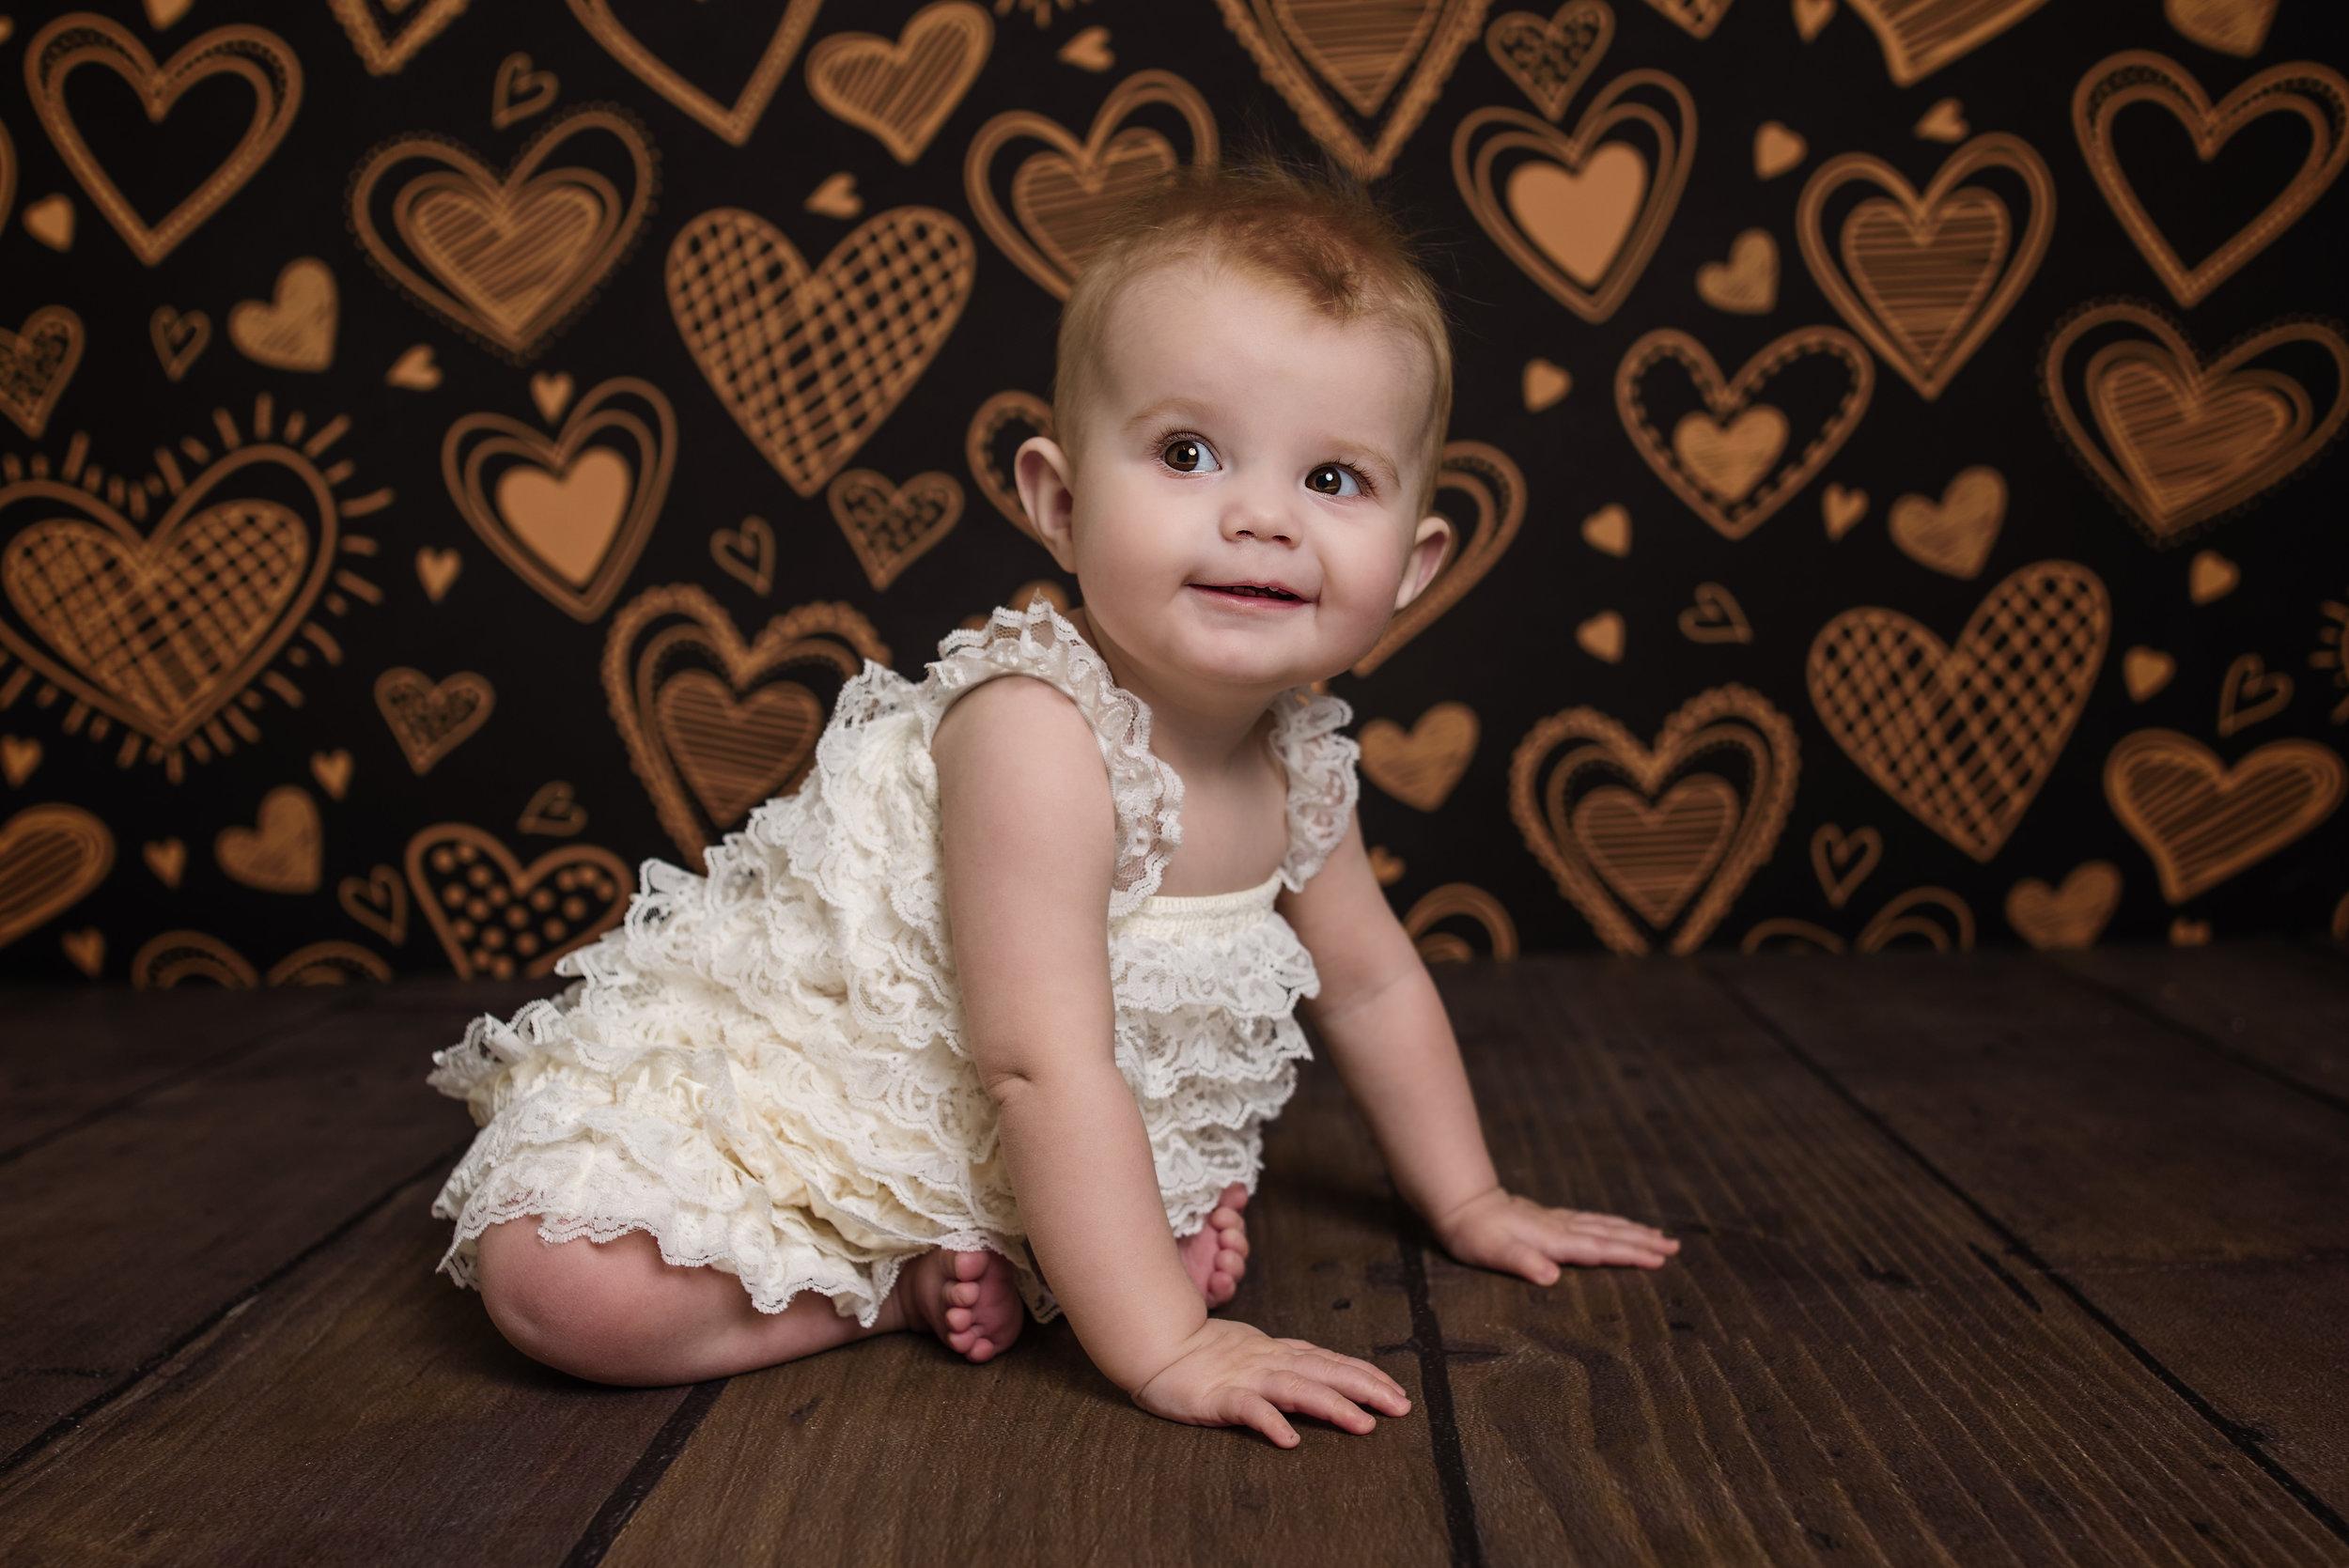 Hearts And Dark Wood Floor